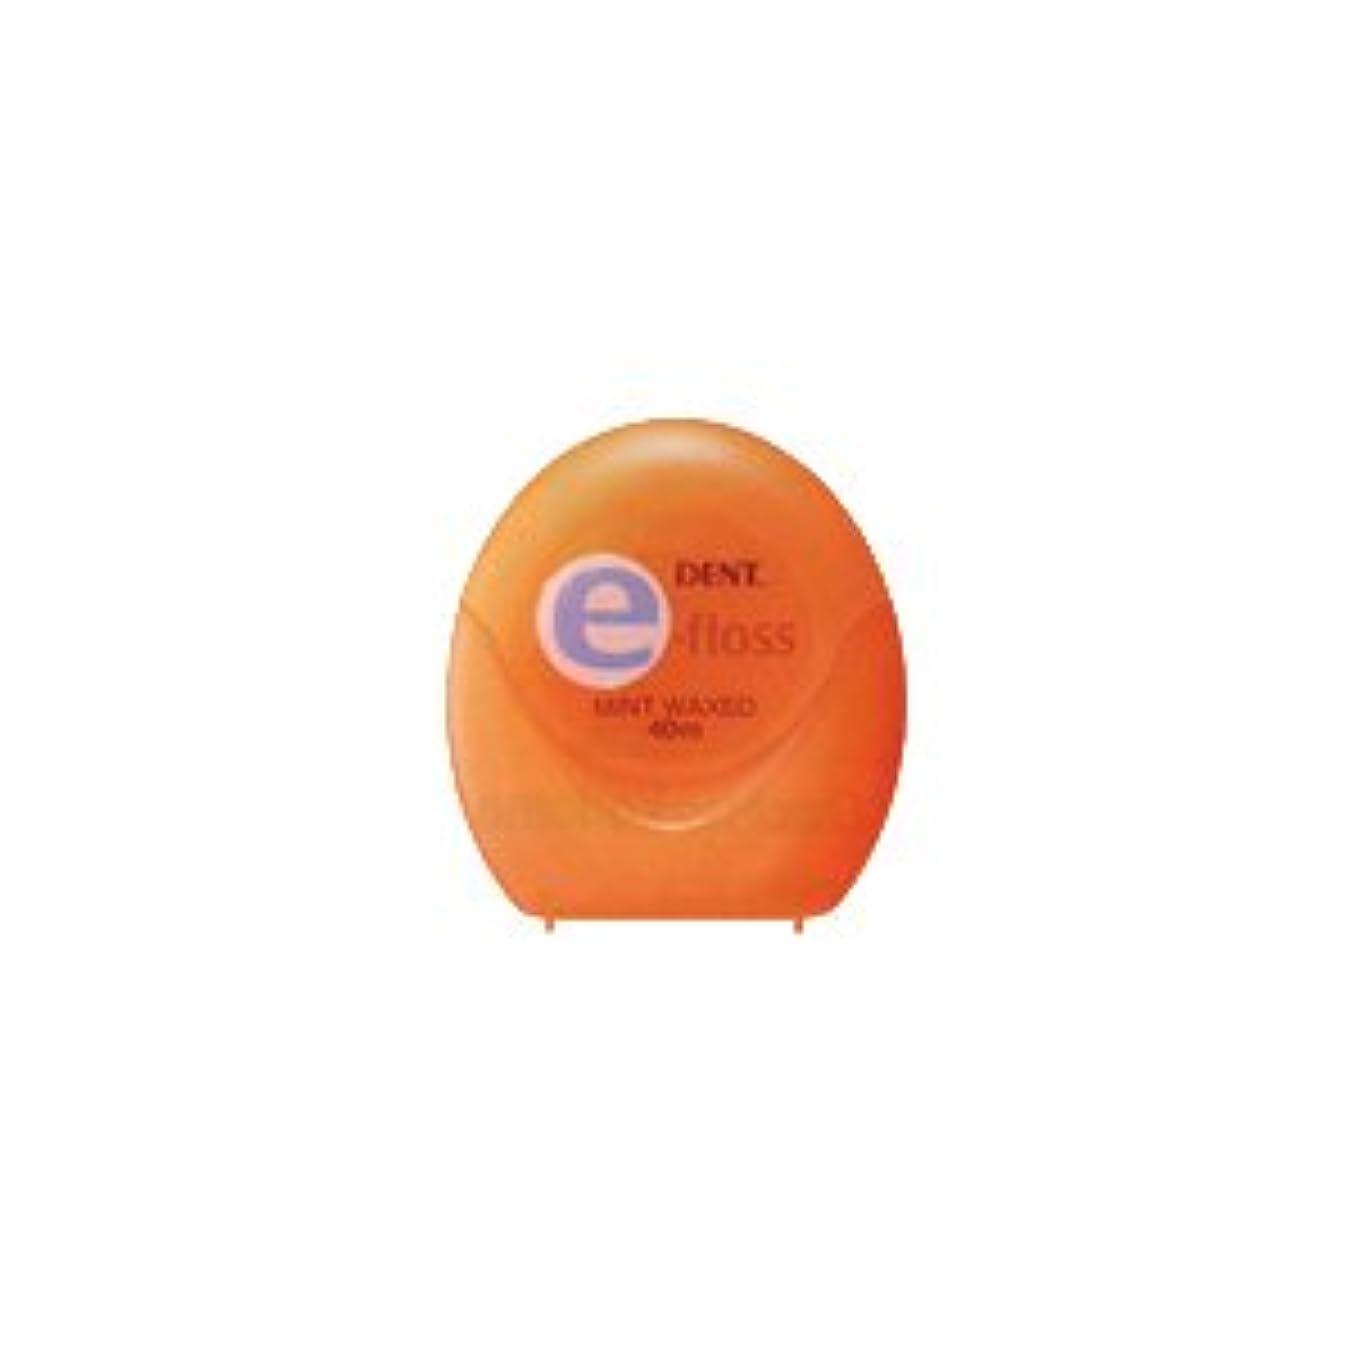 ニュース優れたはっきりとライオン DENT.e-floss デントイーフロス 1個 (オレンジ)